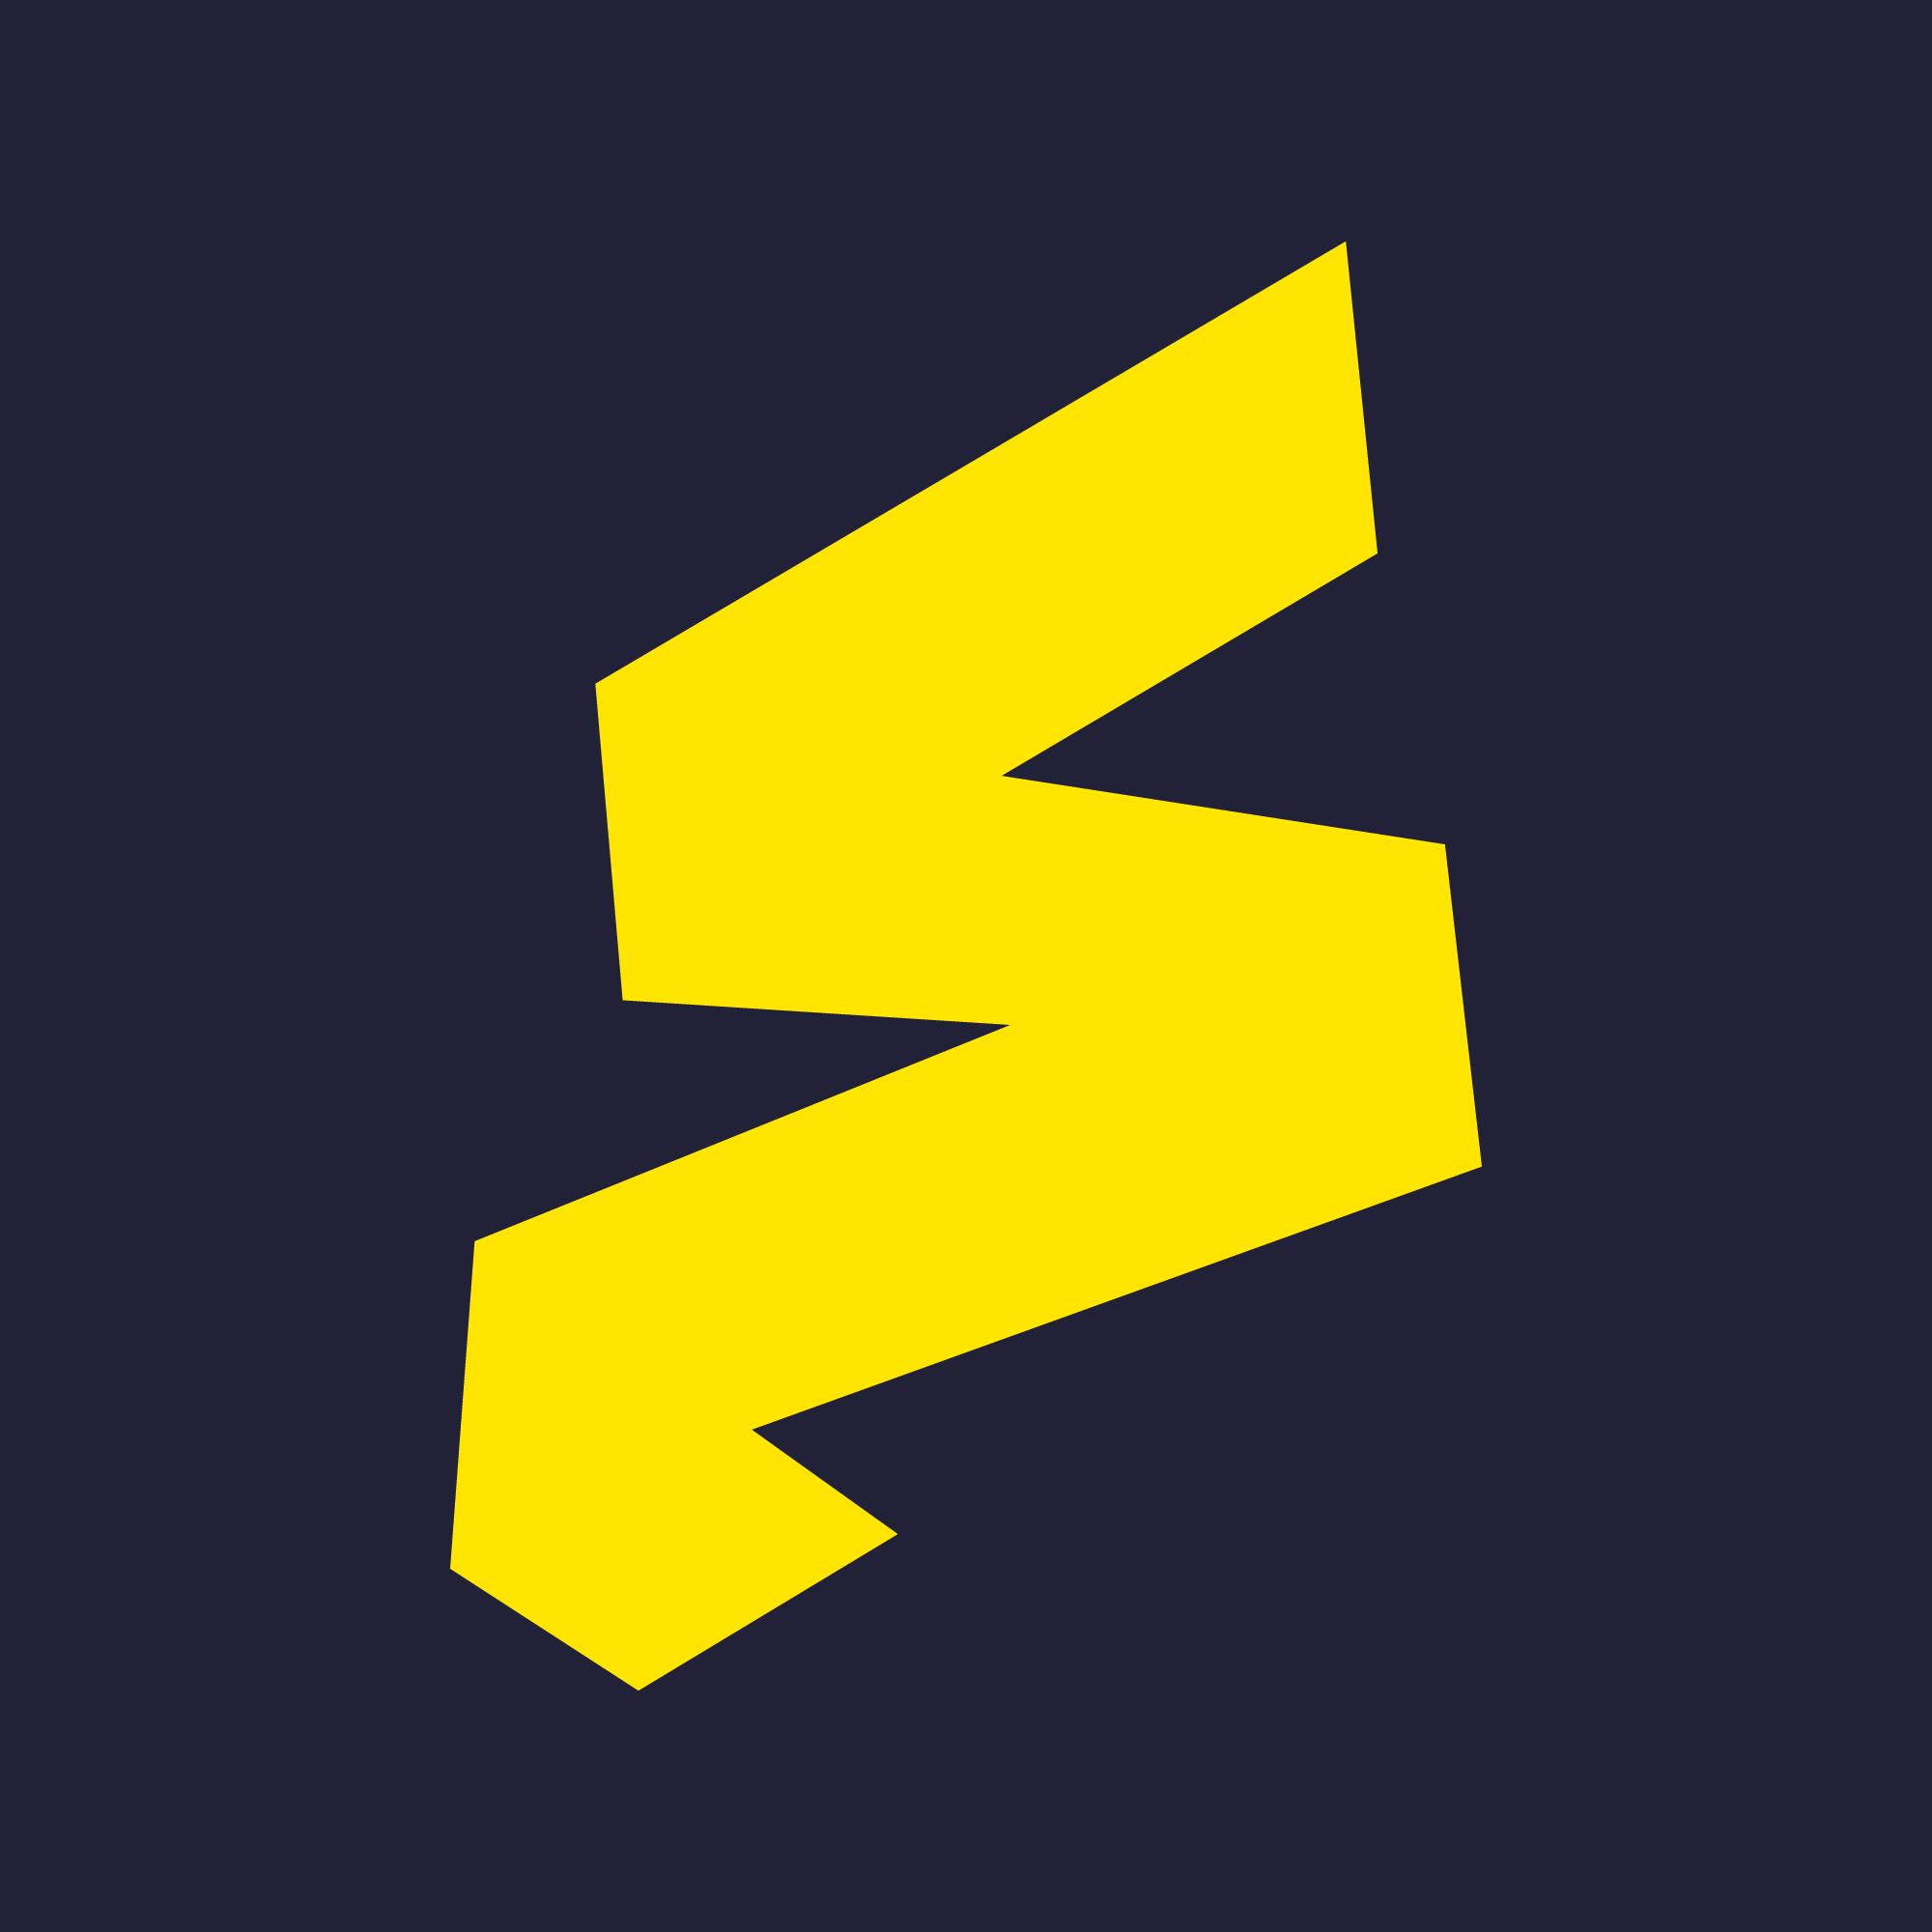 startup-stage-staze-logo